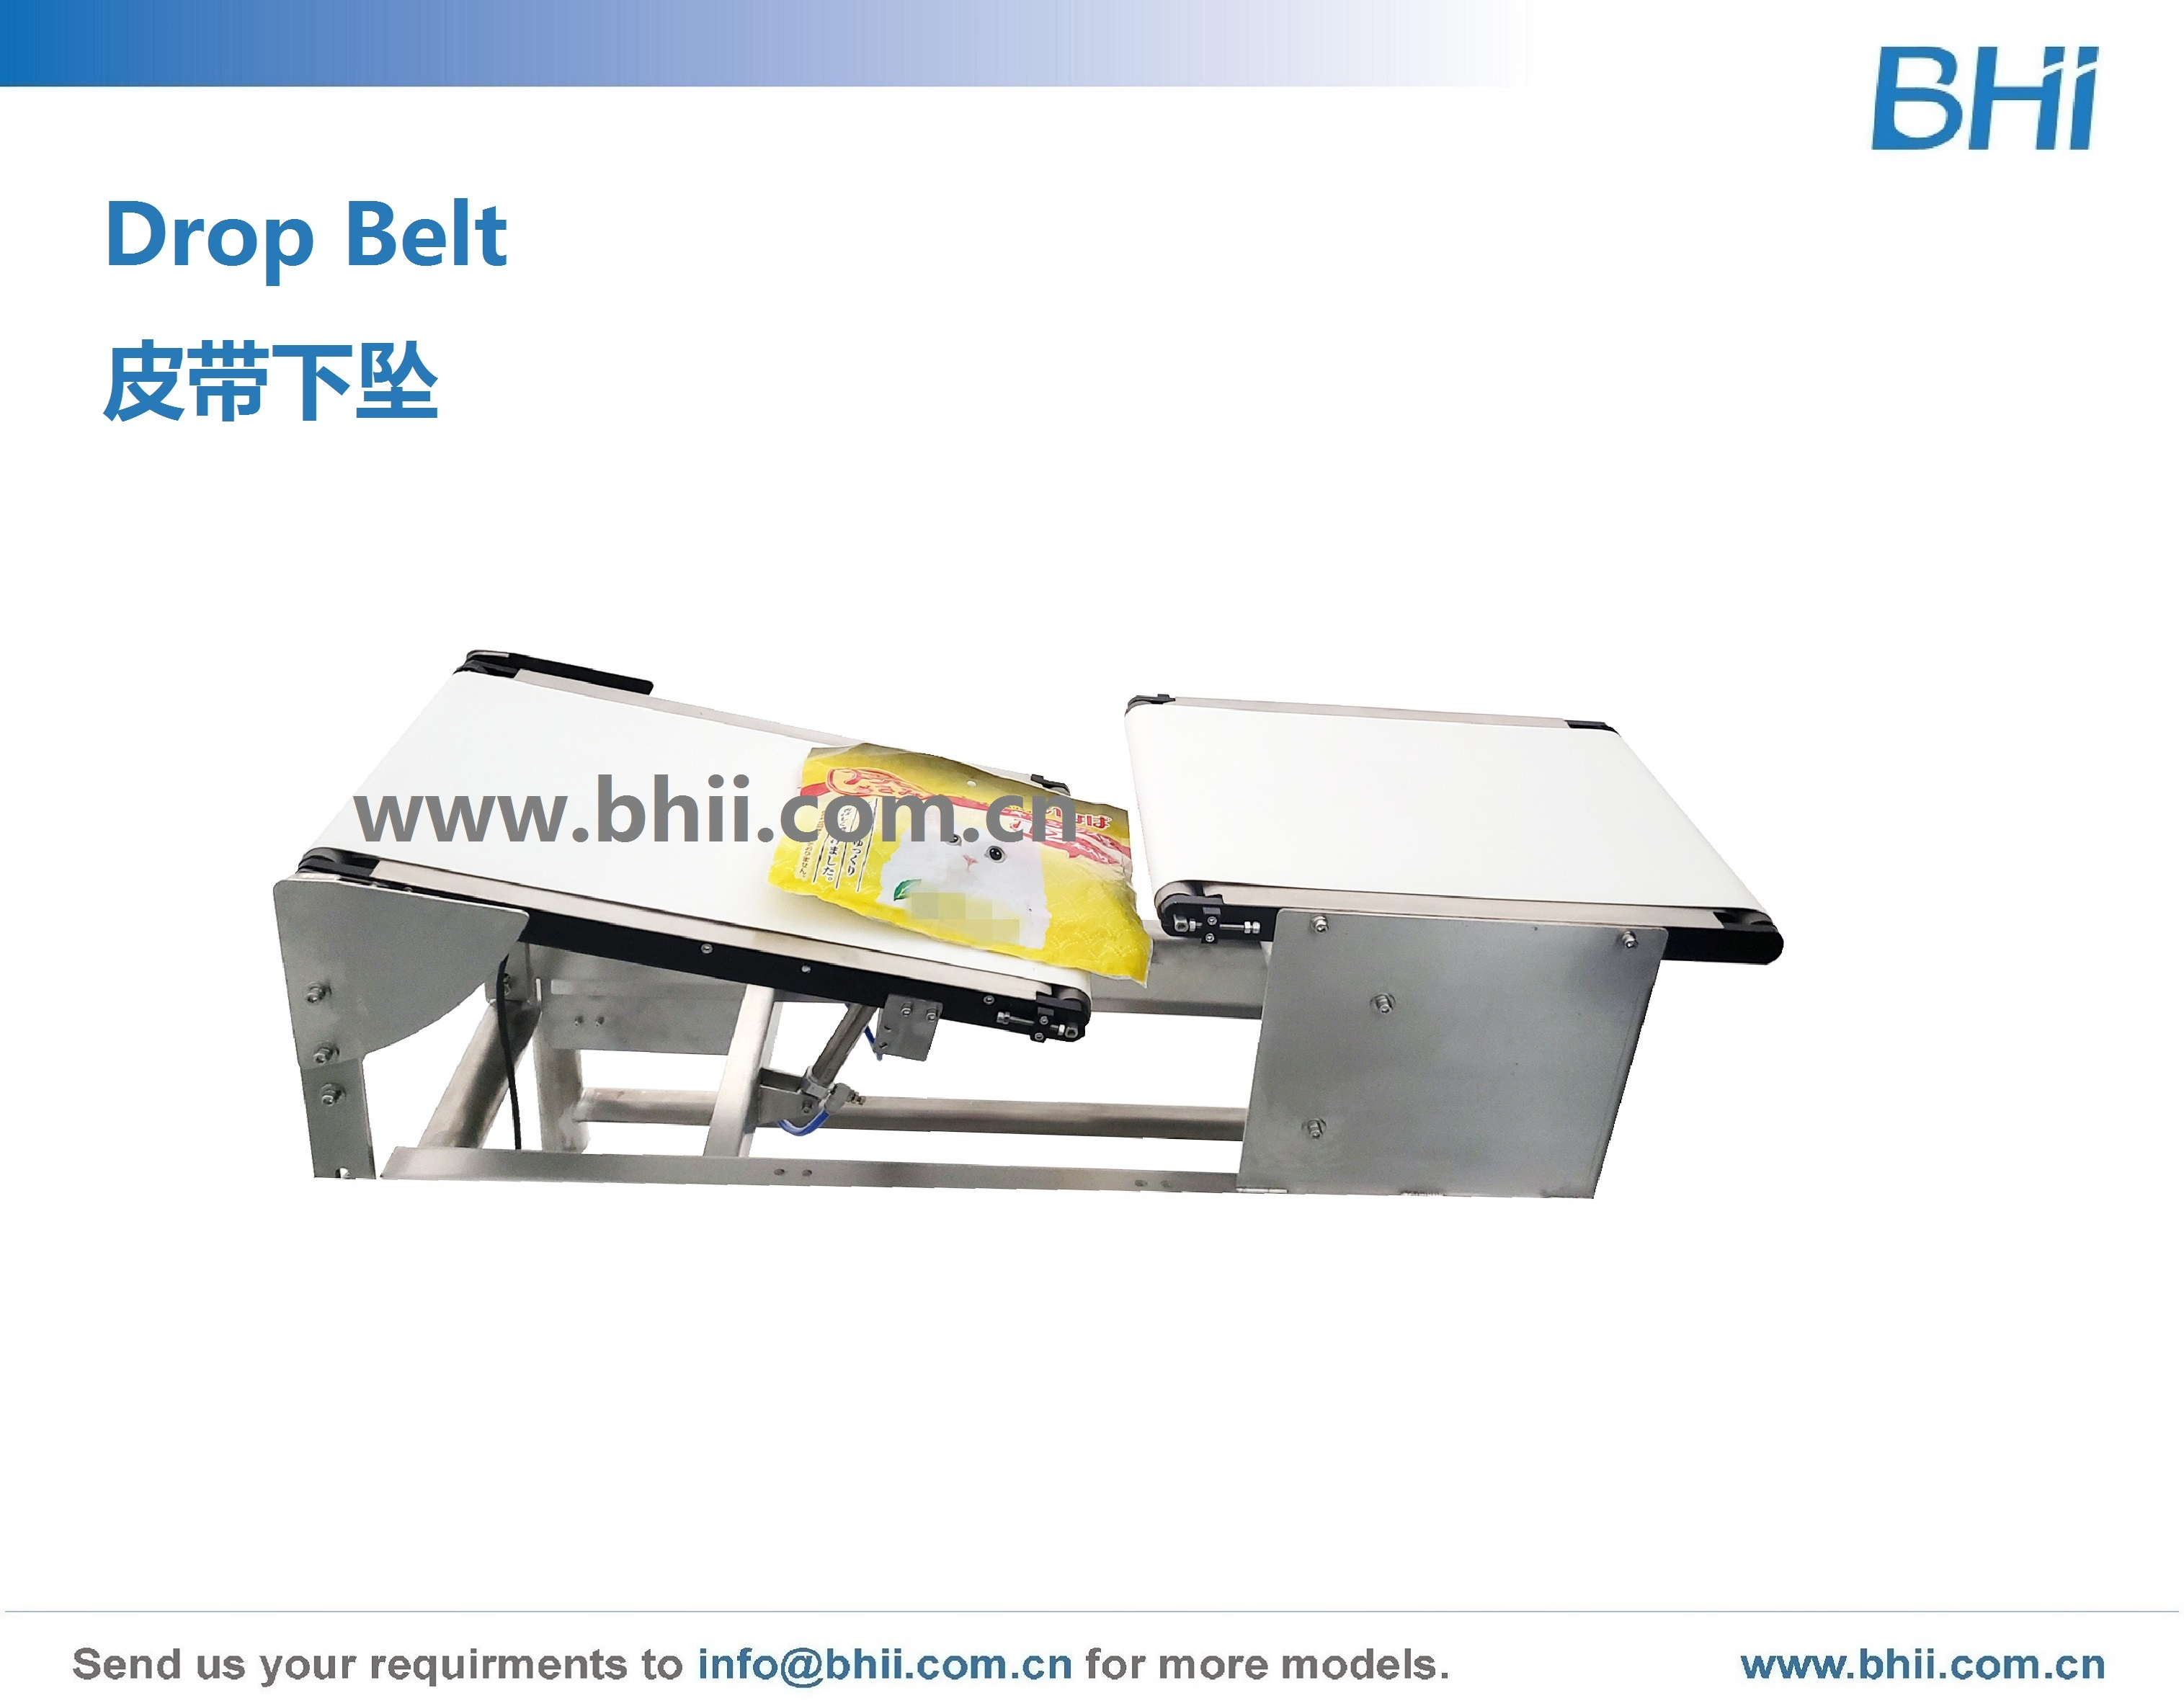 Drop Belt